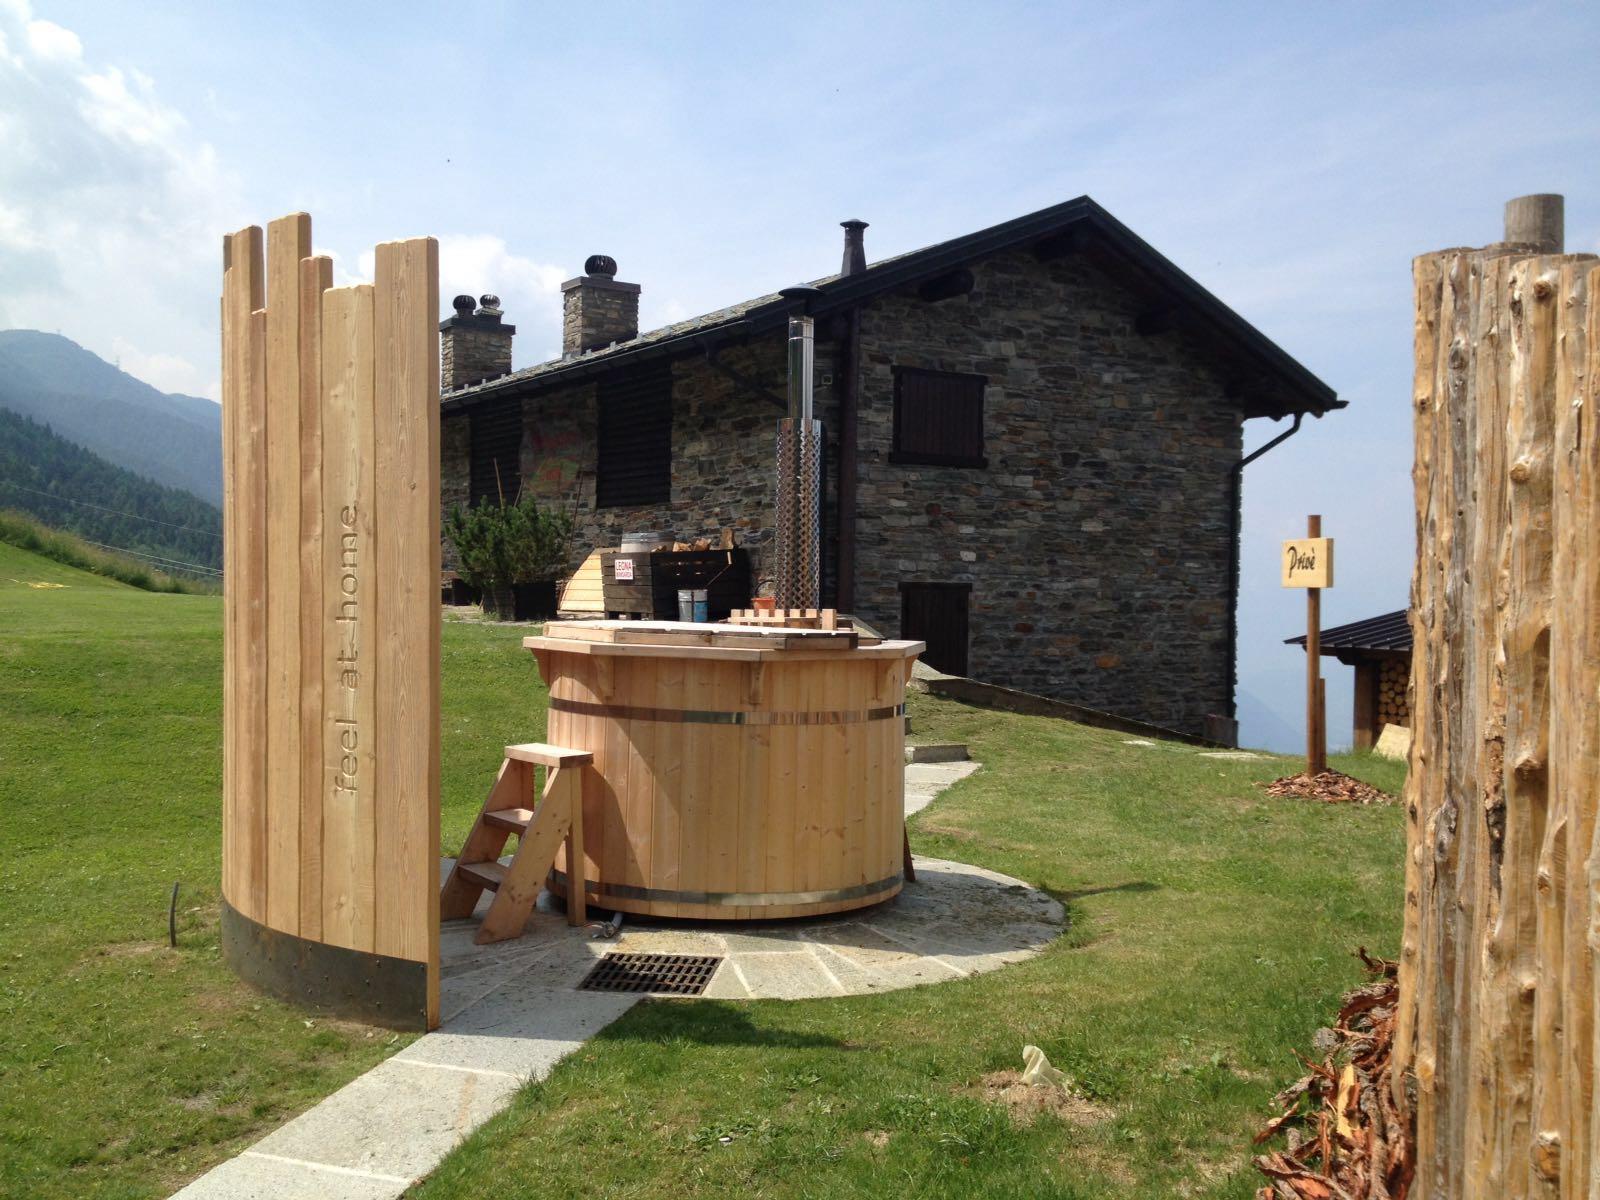 ead18a683a0c La tinozza è una vasca rotonda in legno con una stufa a legna